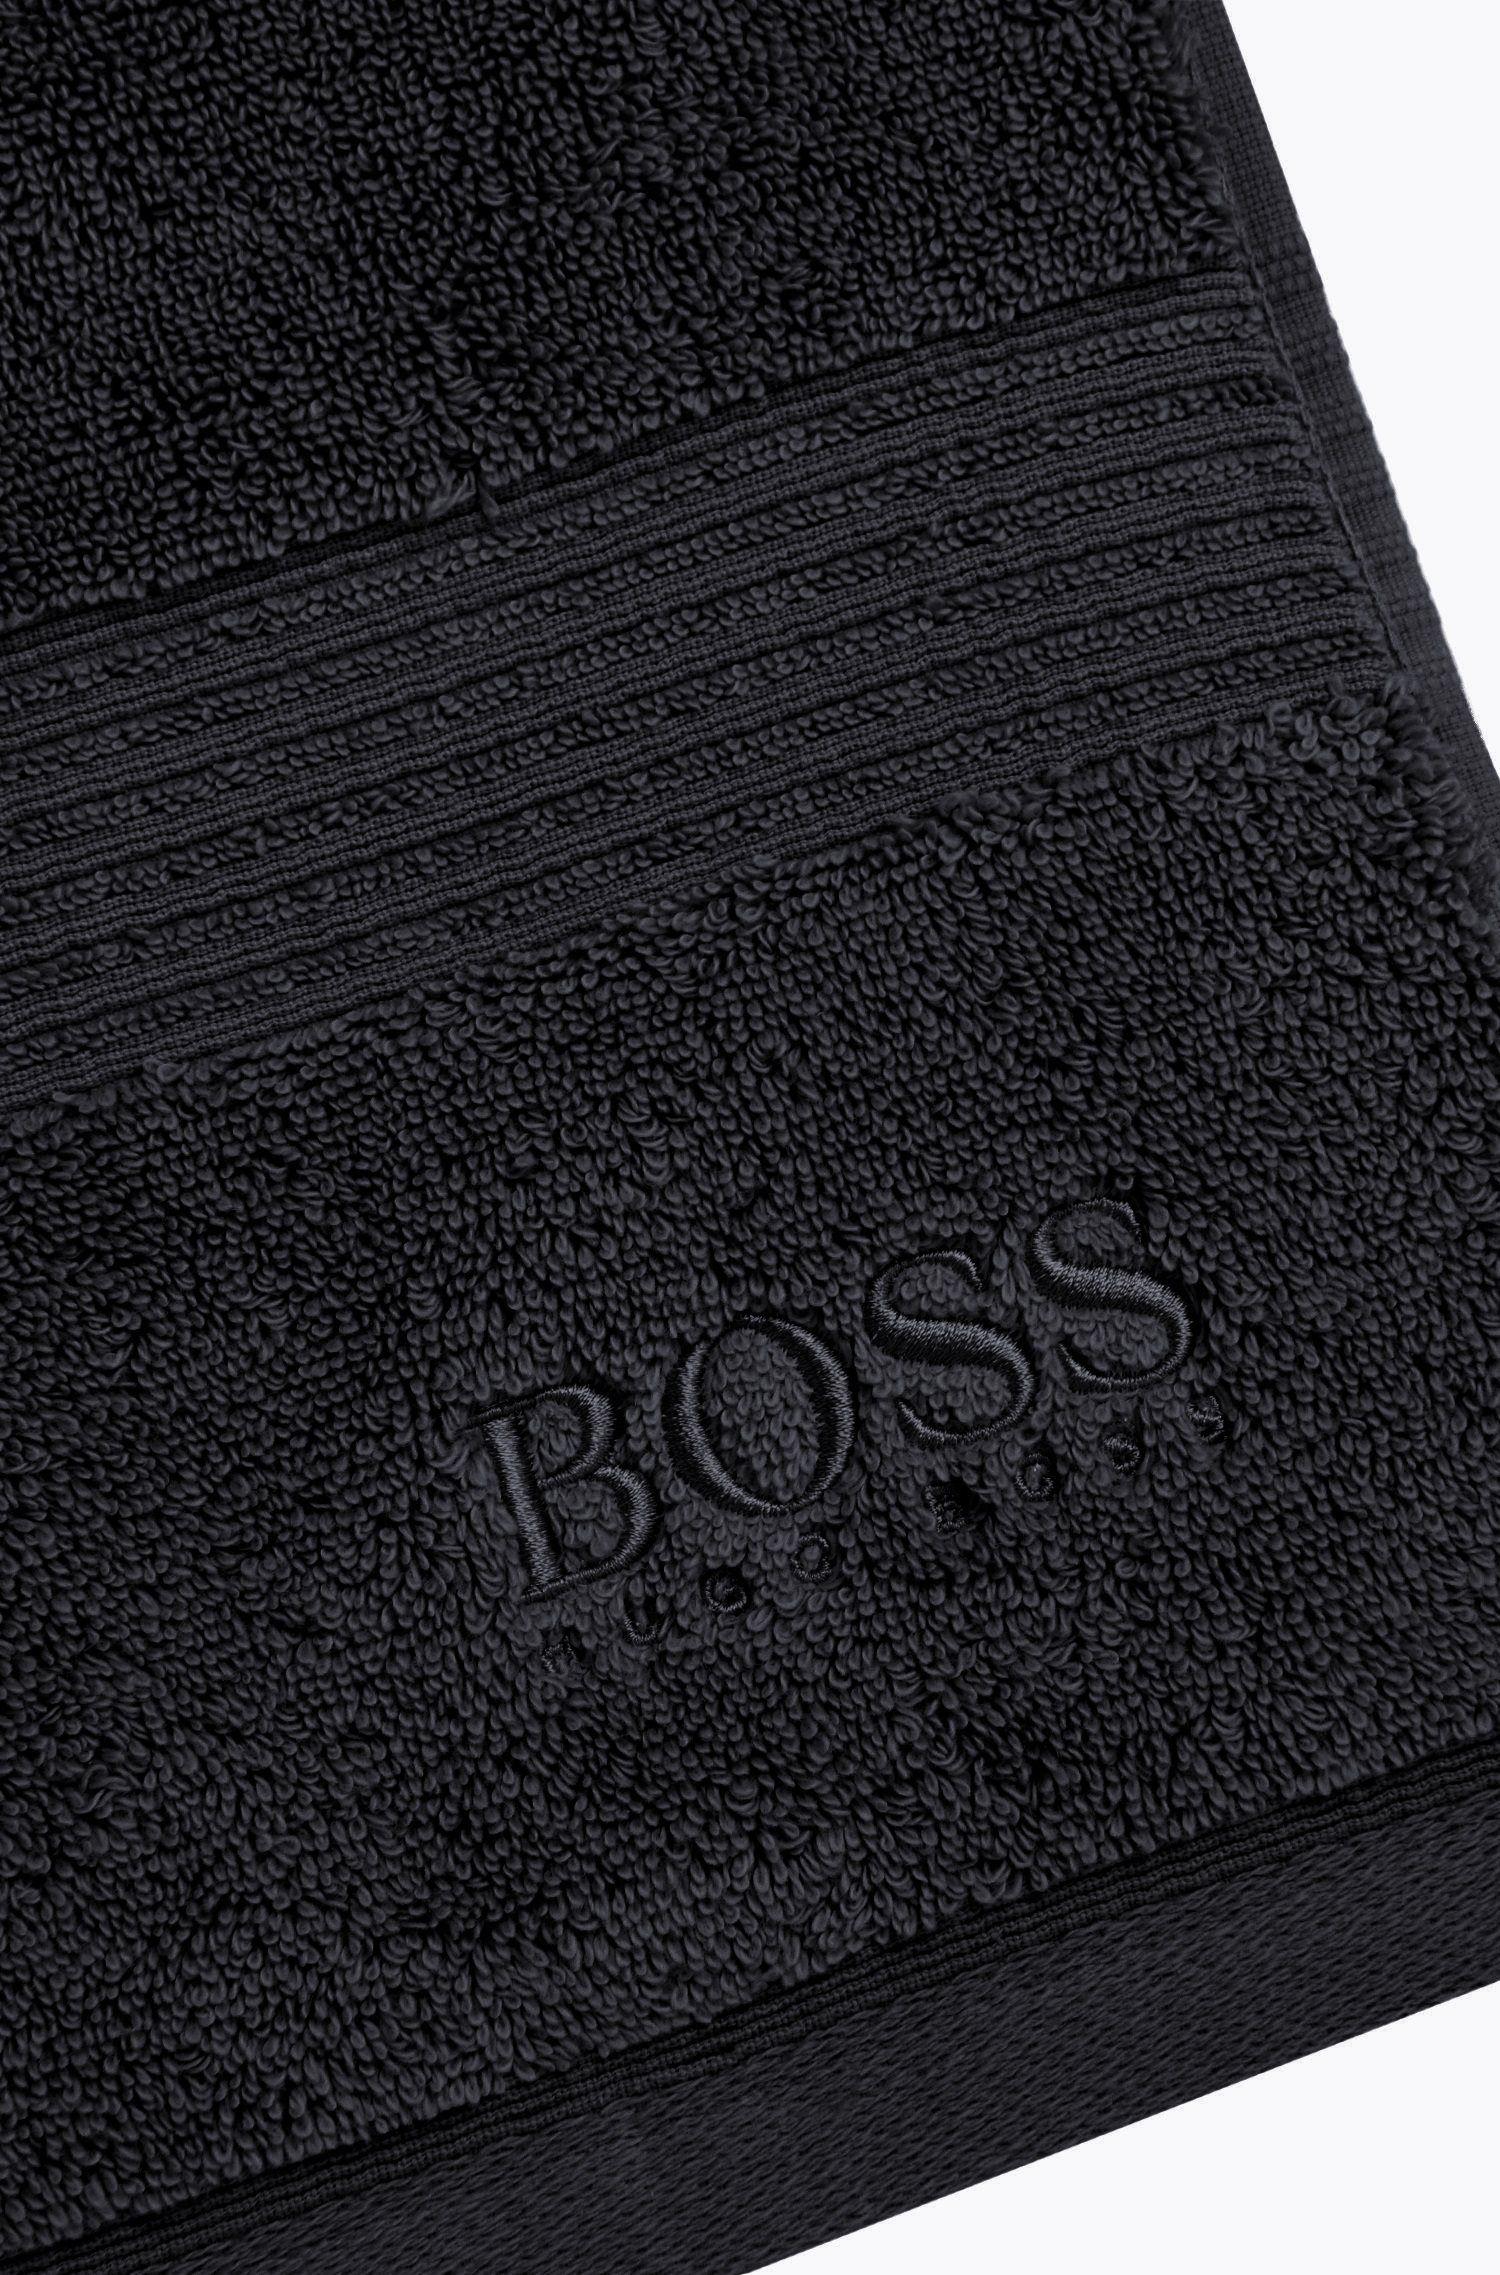 Essuie-main en coton peigné de la mer Égée avec bordure côtelée, Noir